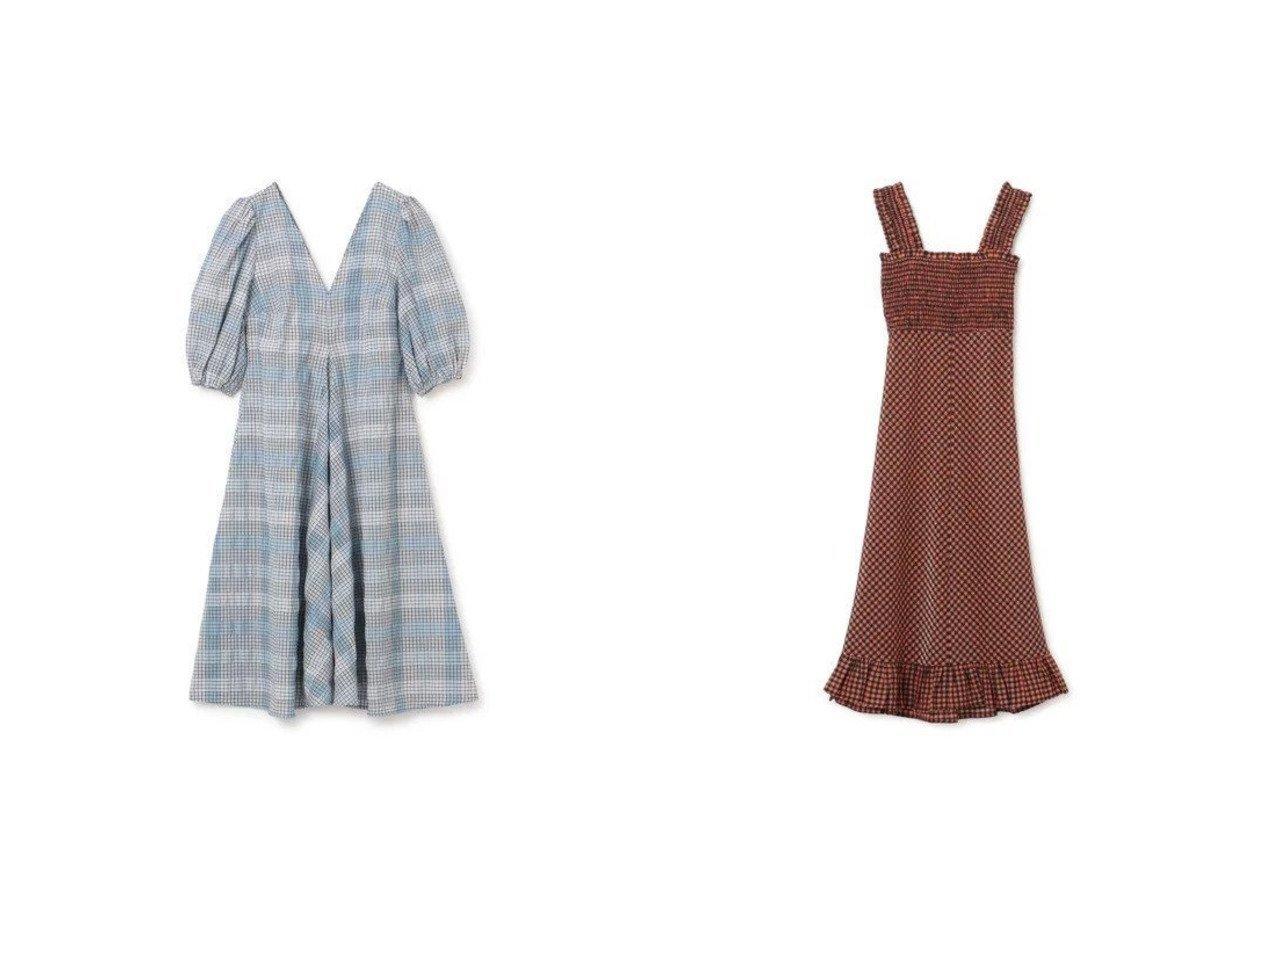 【GANNI/ガニー】のSeersucker Check Dress&S Dress ワンピース・ドレスのおすすめ!人気トレンド・レディースファッションの通販  おすすめで人気のファッション通販商品 インテリア・家具・キッズファッション・メンズファッション・レディースファッション・服の通販 founy(ファニー) https://founy.com/ ファッション Fashion レディースファッション WOMEN ワンピース Dress ドレス Party Dresses カーディガン ガーリー シャーリング セットアップ チェック ノースリーブ フリル マキシ ラップ 半袖 |ID:crp329100000007798